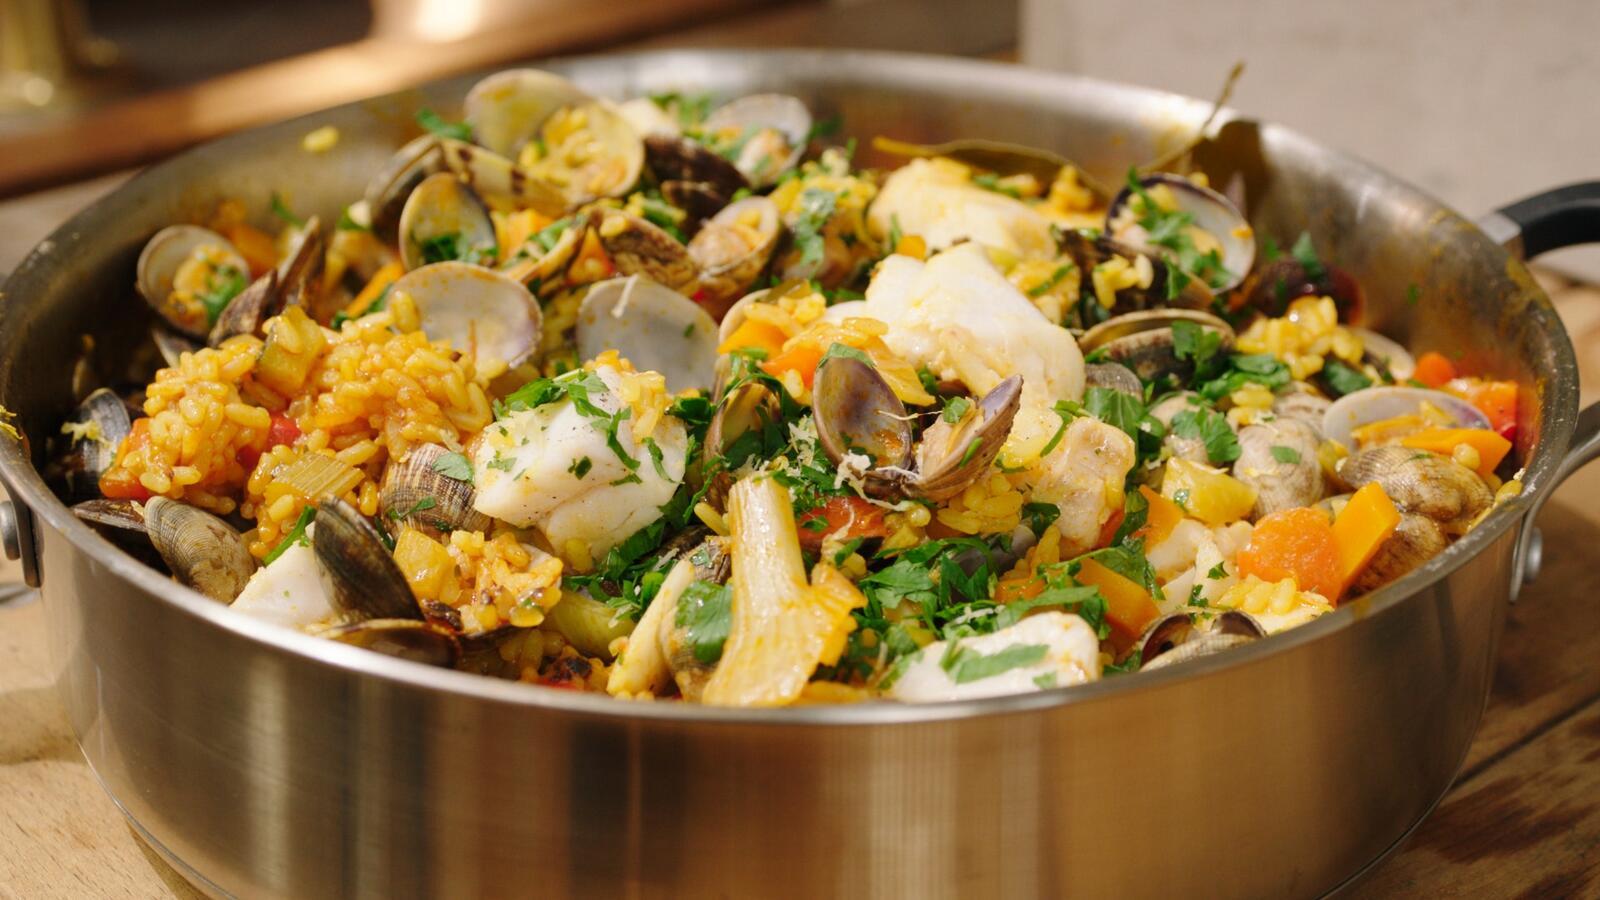 Paellarijst met zuiderse groenten, kabeljauw en schelpjes